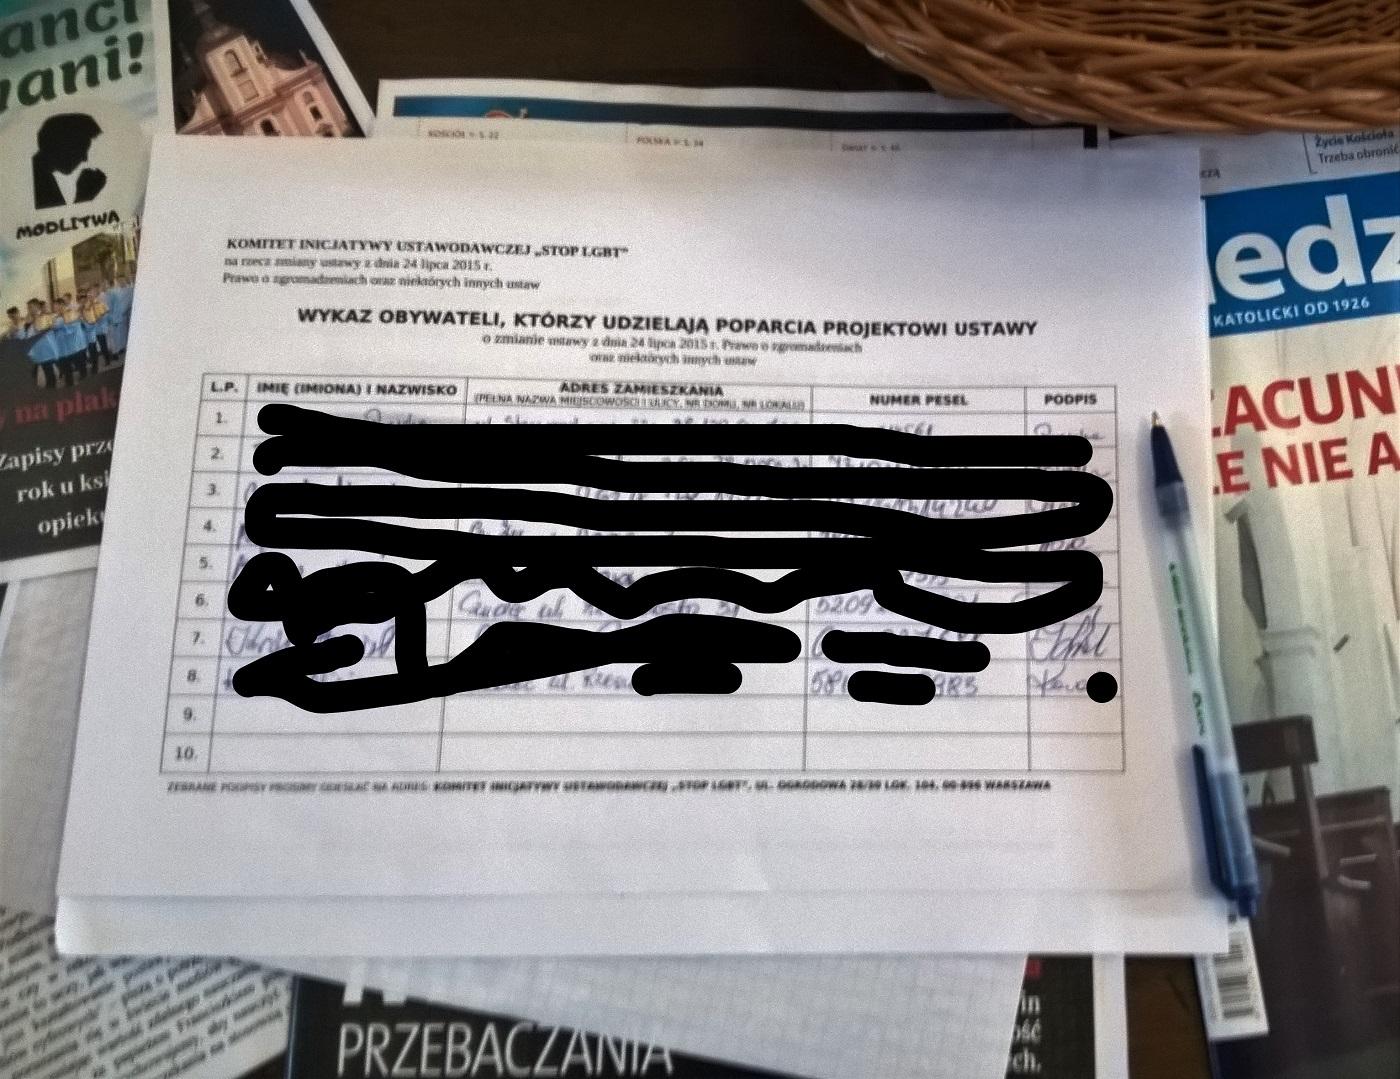 LIST OD CZYTELNIKA. W parafii Czudec złamano prawo? [FOTO] - Zdjęcie główne